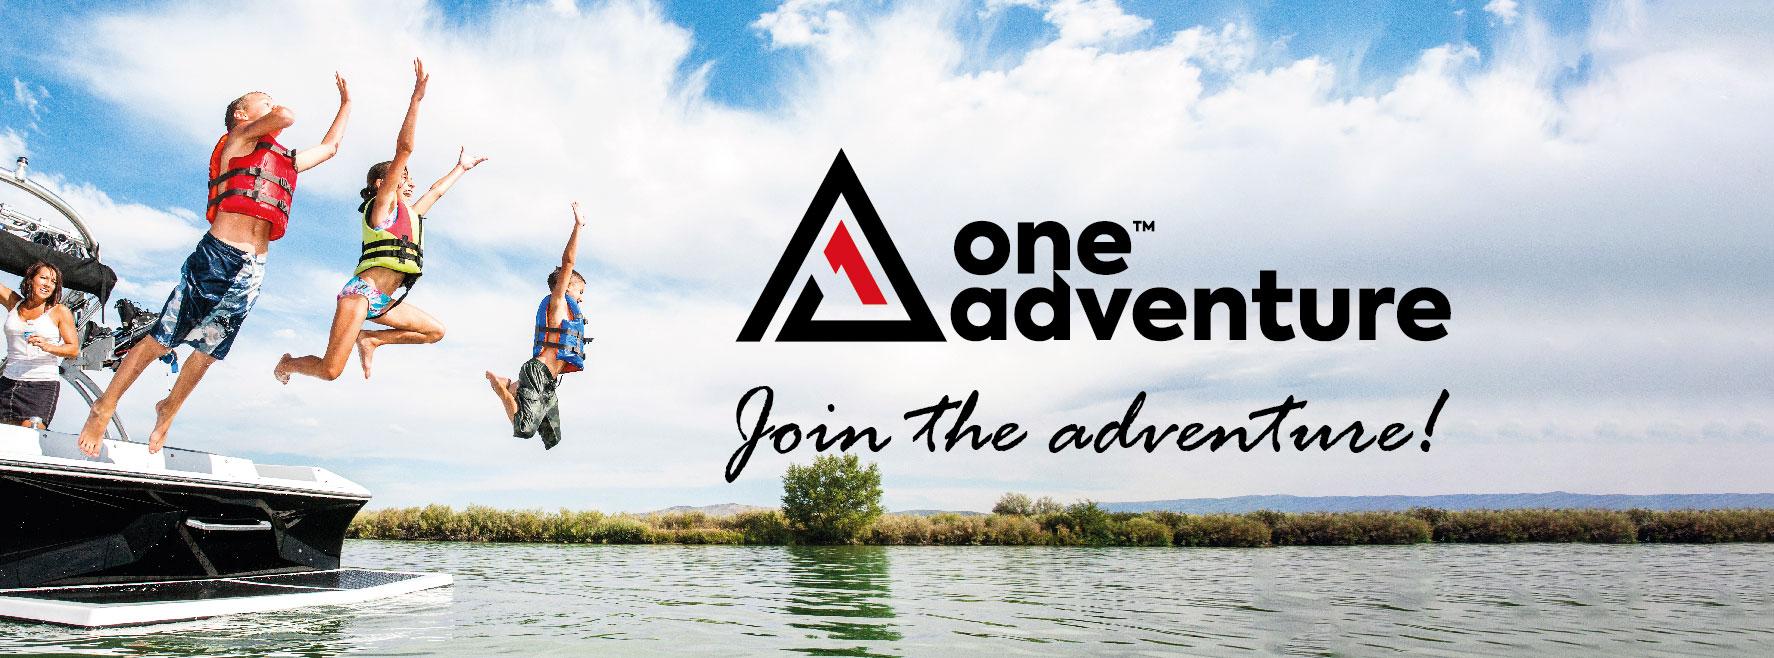 OneAdventure